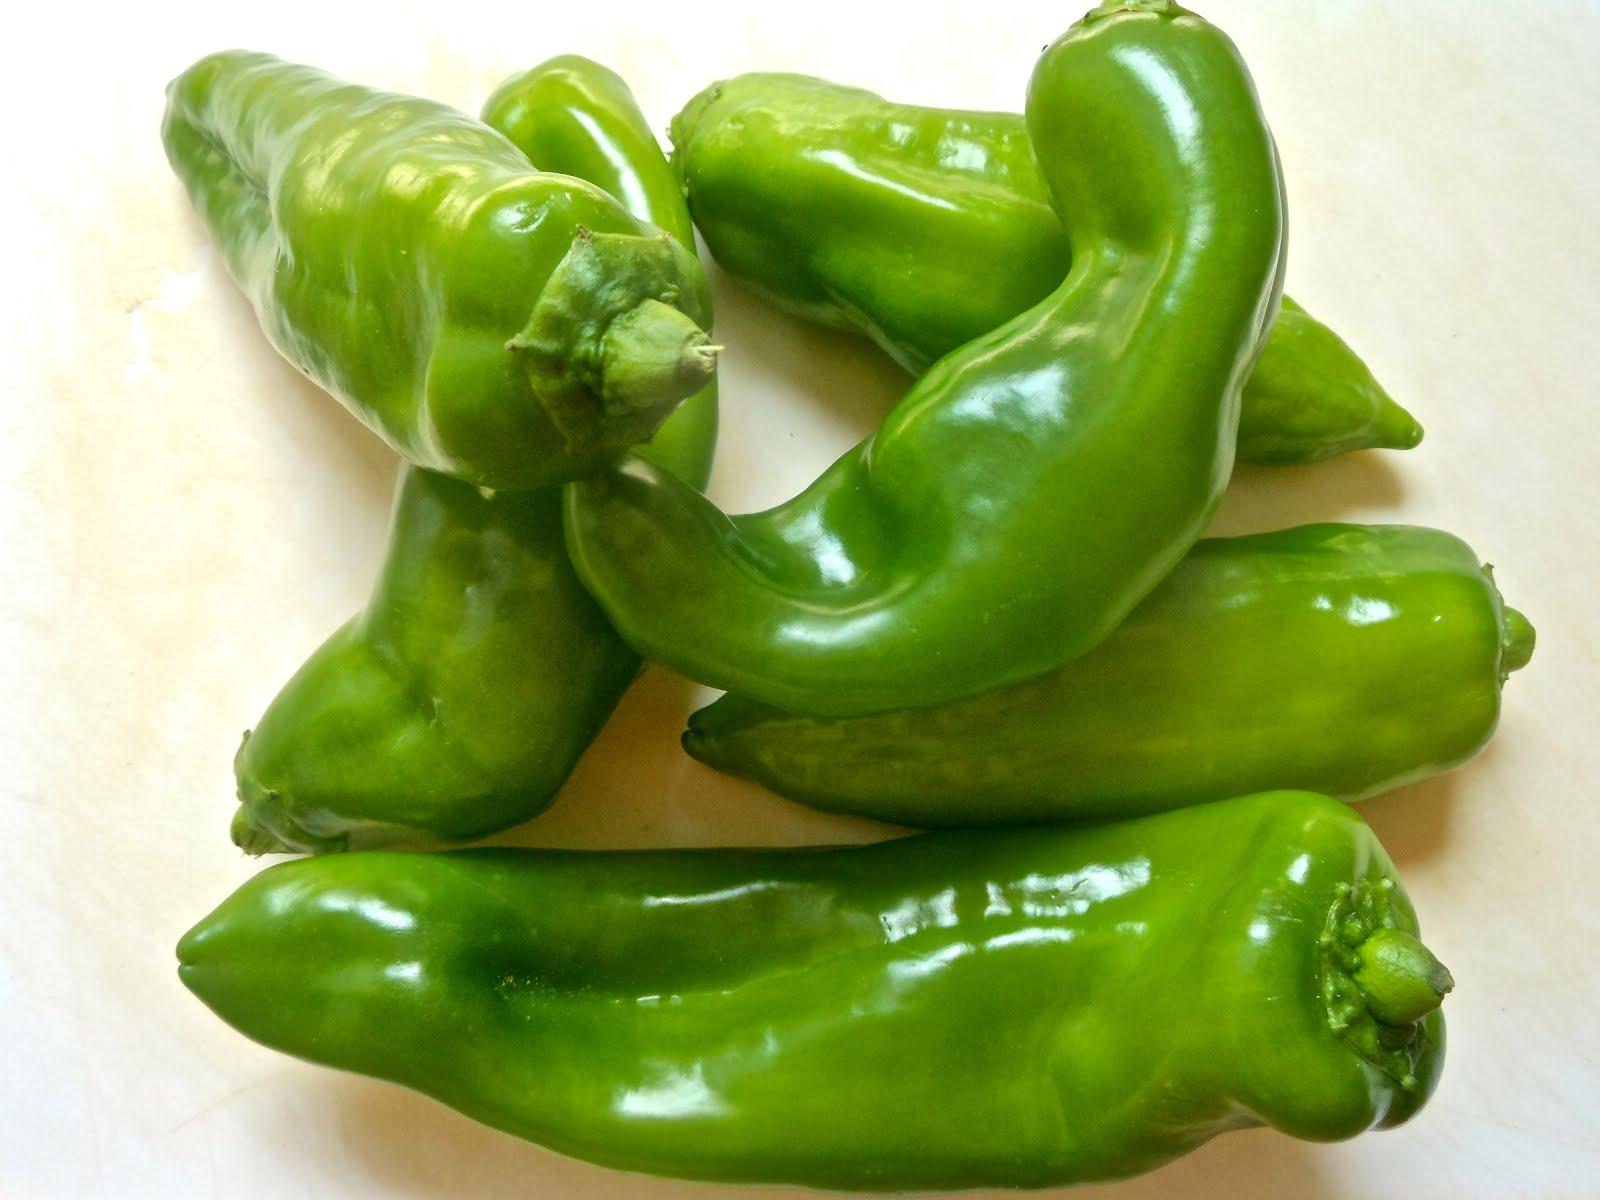 236 c mo fre r pimientos verdes el delantal rojo - Como hacer mermelada de pimientos ...